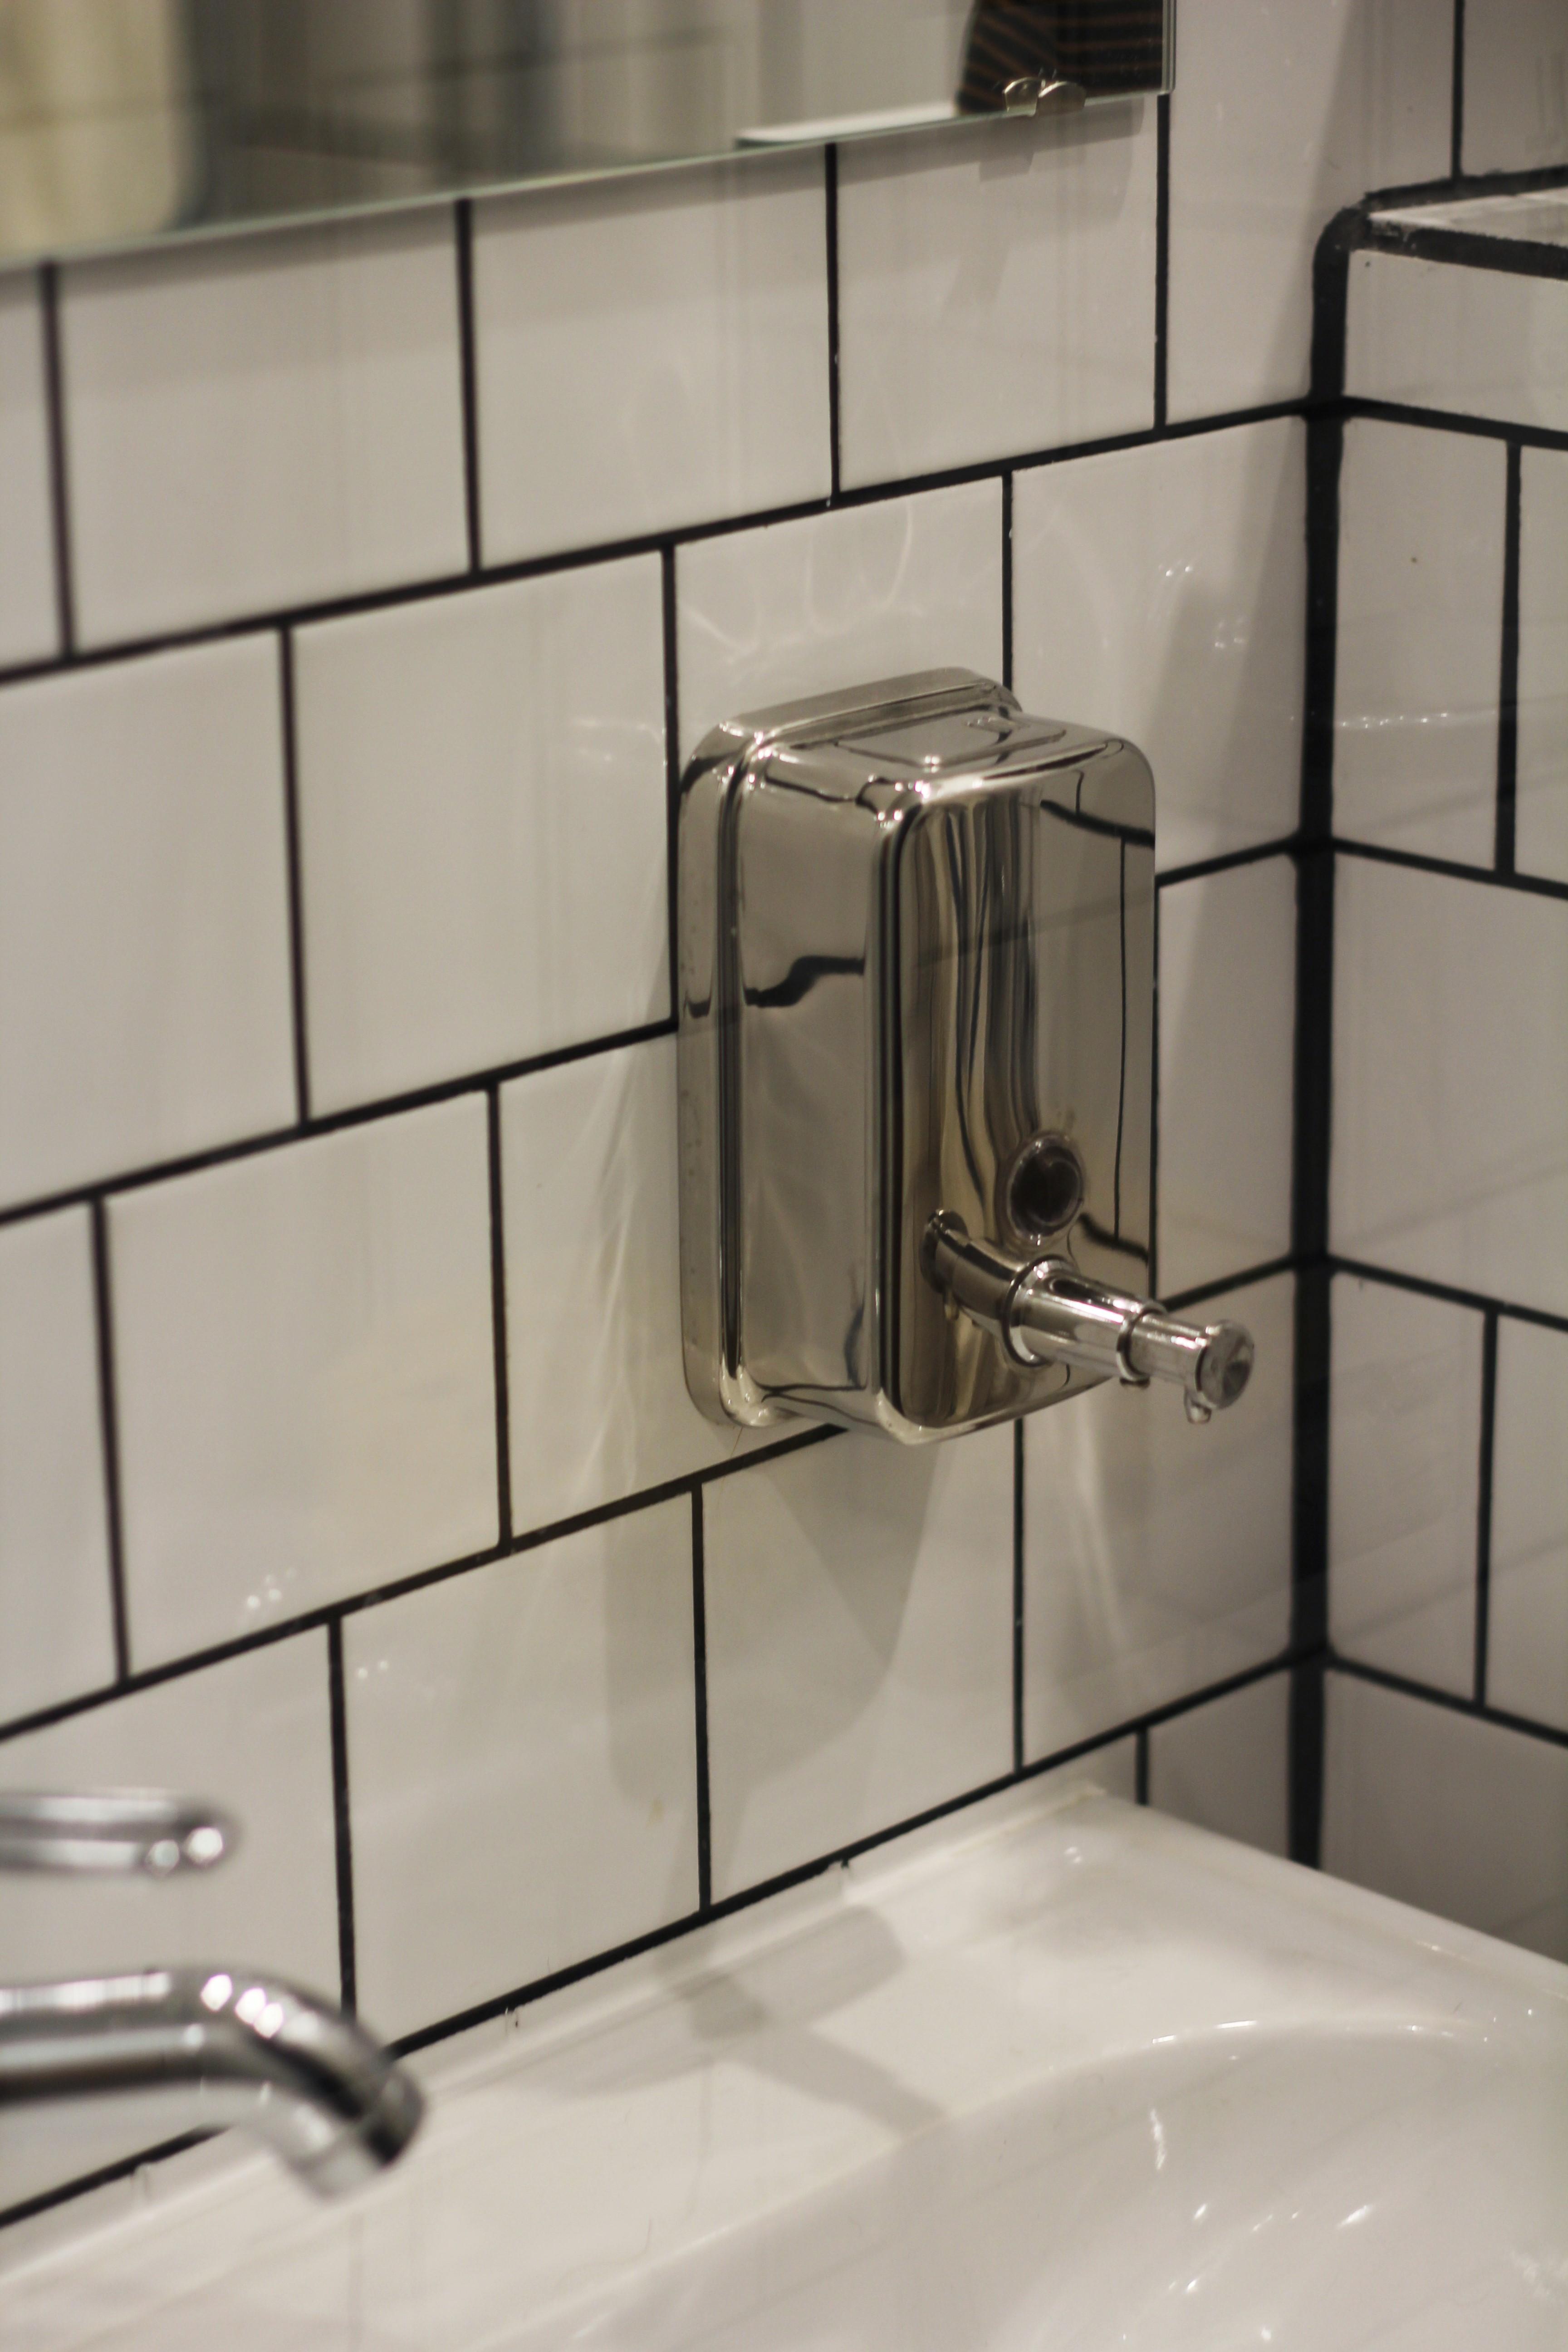 Pienen lavuaarin laidalla ei ollut tilaa pumppupullolle, mutta Domus Classican seinäteline on tyylikäs vaihtoehto.